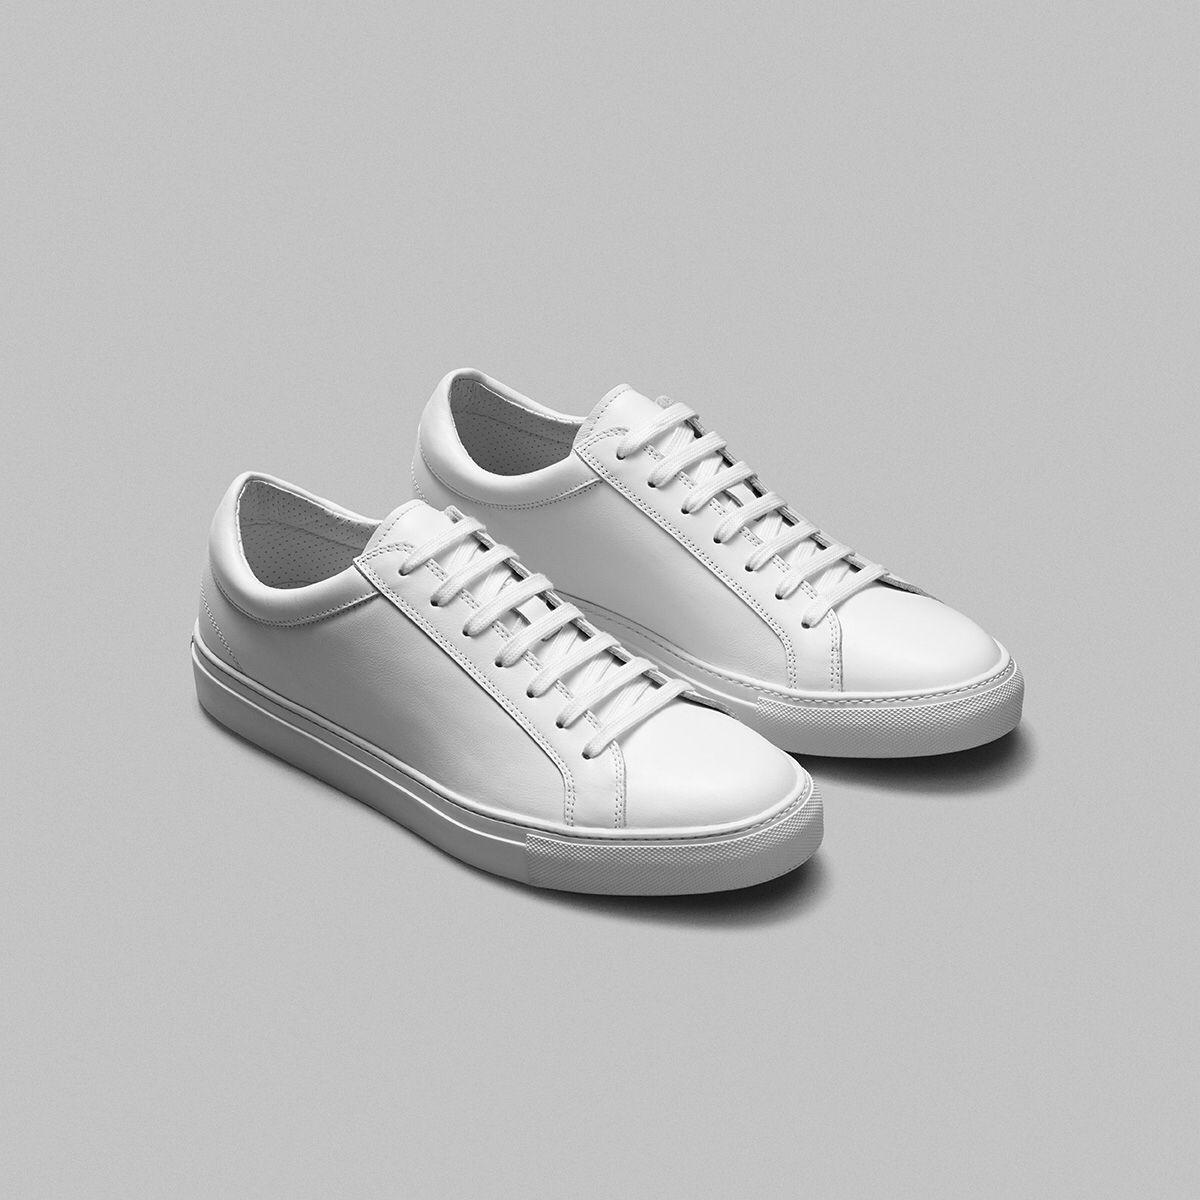 Erik Schedin White Sneakers White Leather Sneakers Men White Leather Sneakers Sneakers Men Fashion